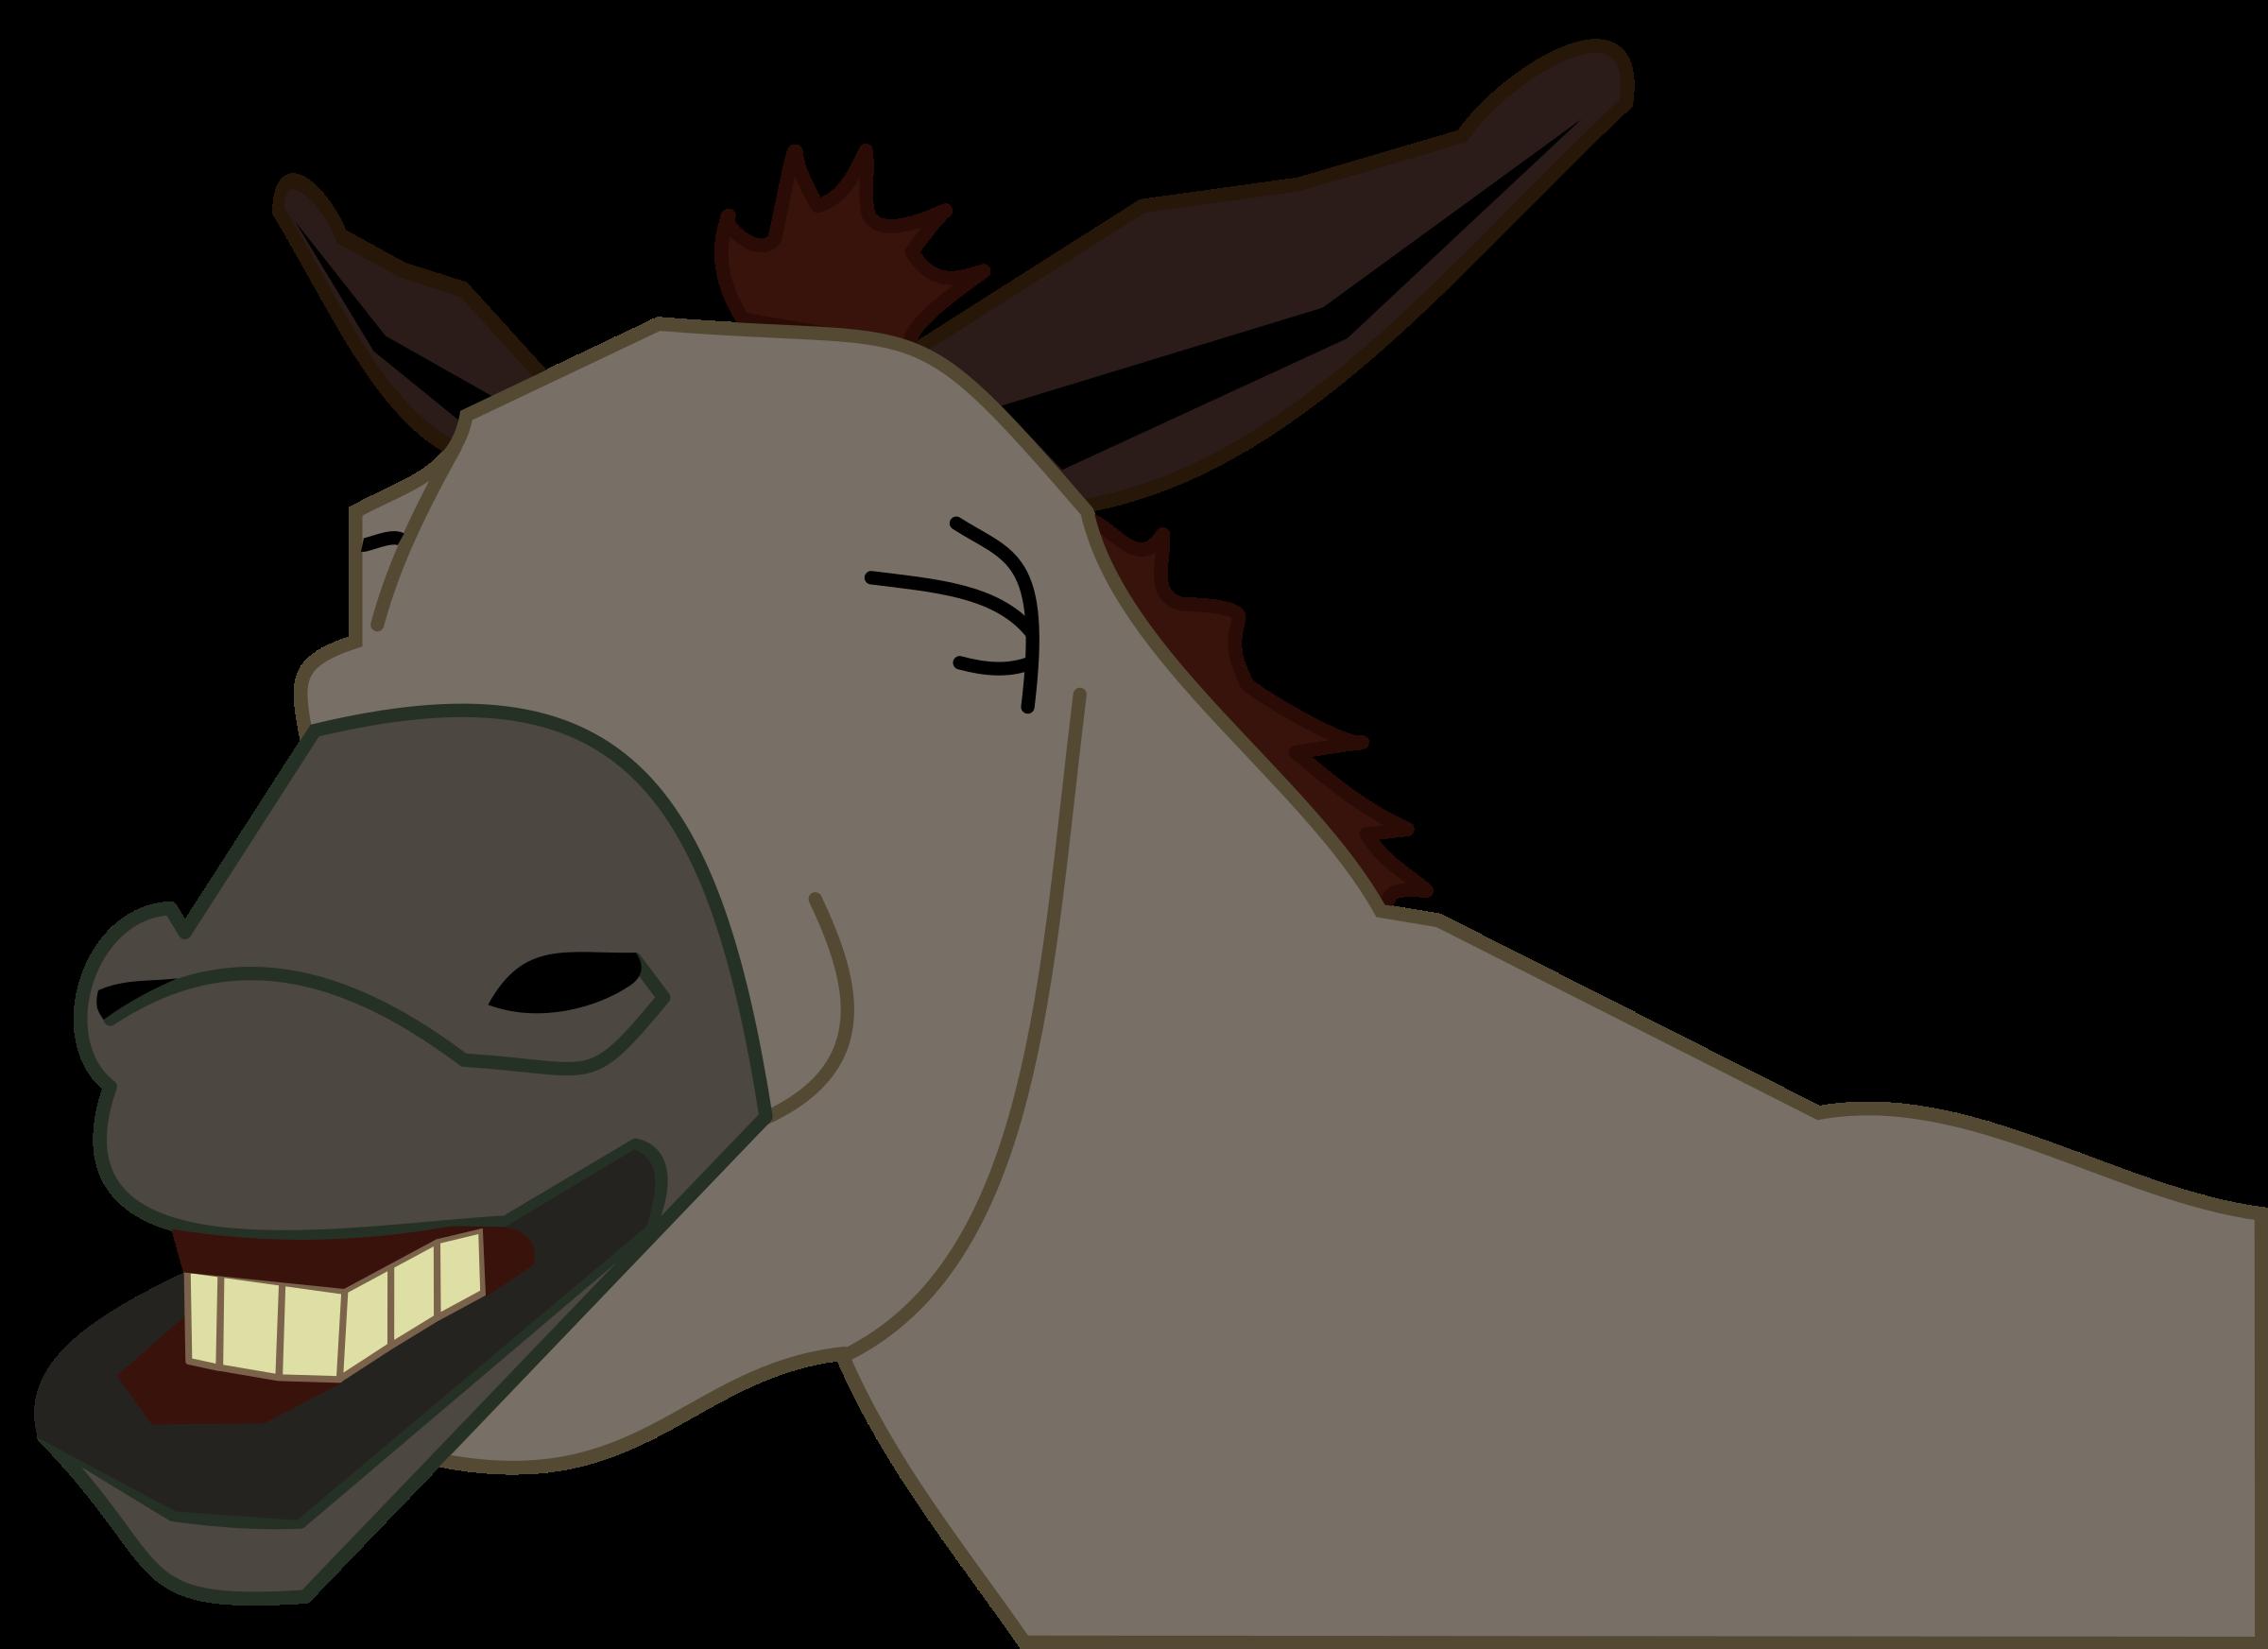 Clipart - Donkey